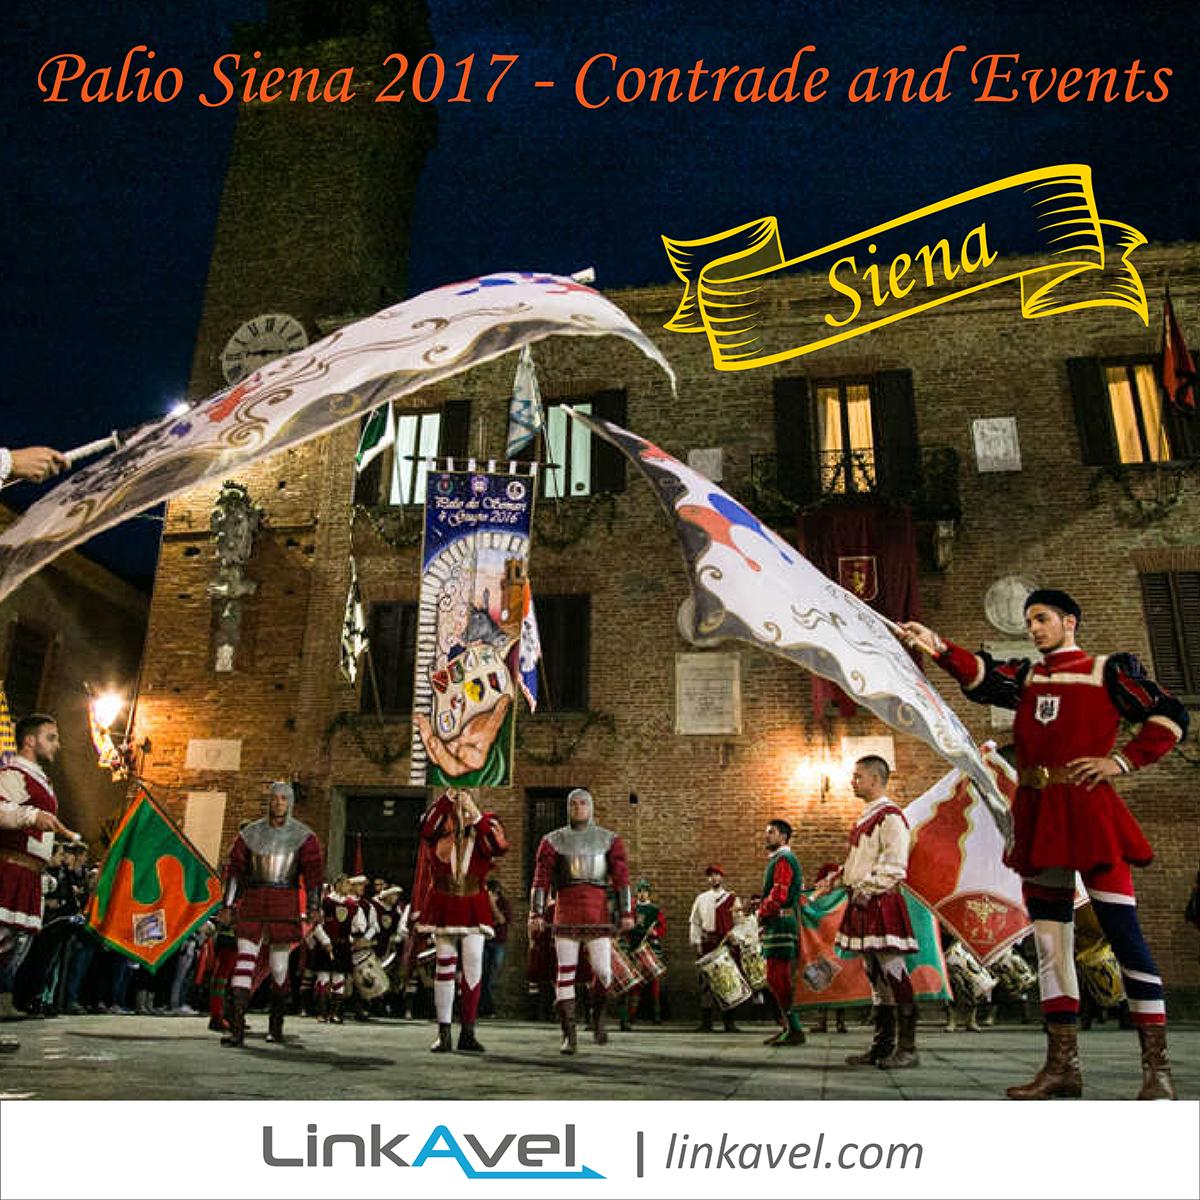 Palio Siena 2017 Events